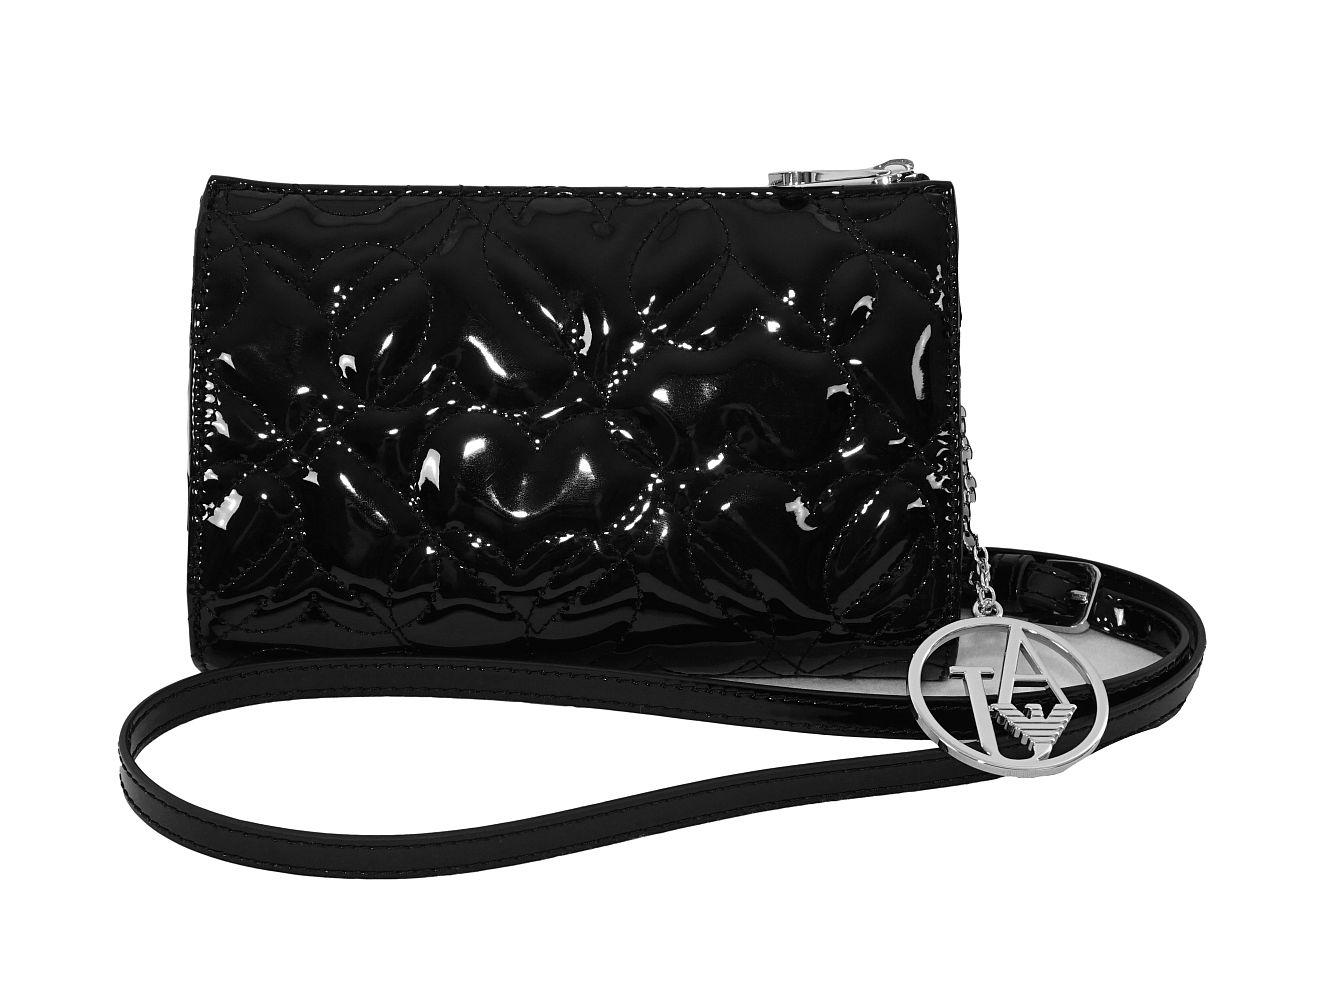 Armani Jeans Tasche Handtasche f. Damen 928582 6A752 00020 Nero HW16-AJn